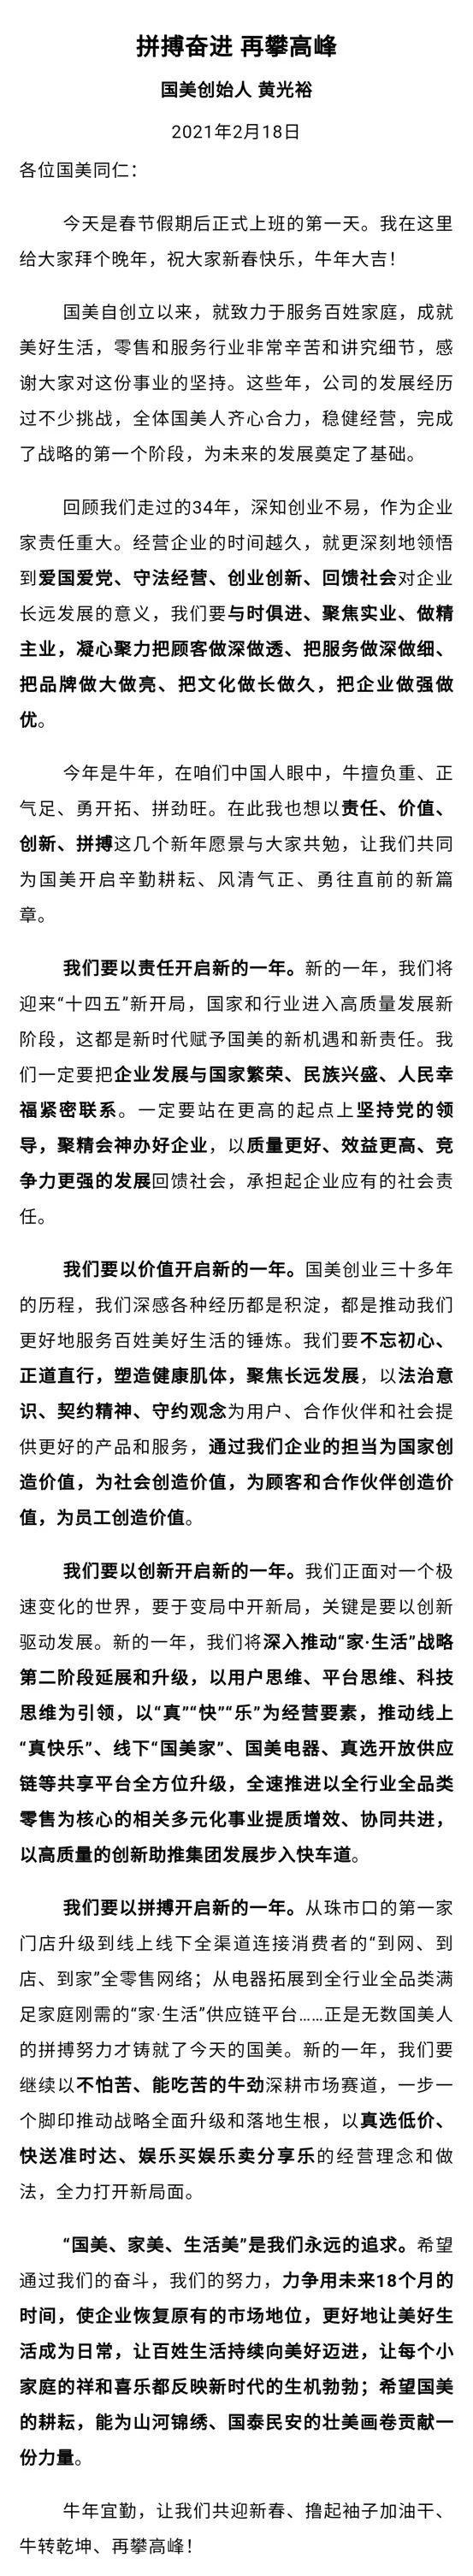 黄光裕获释后首次公开讲话:力争18个月使国美恢复原有市场地位